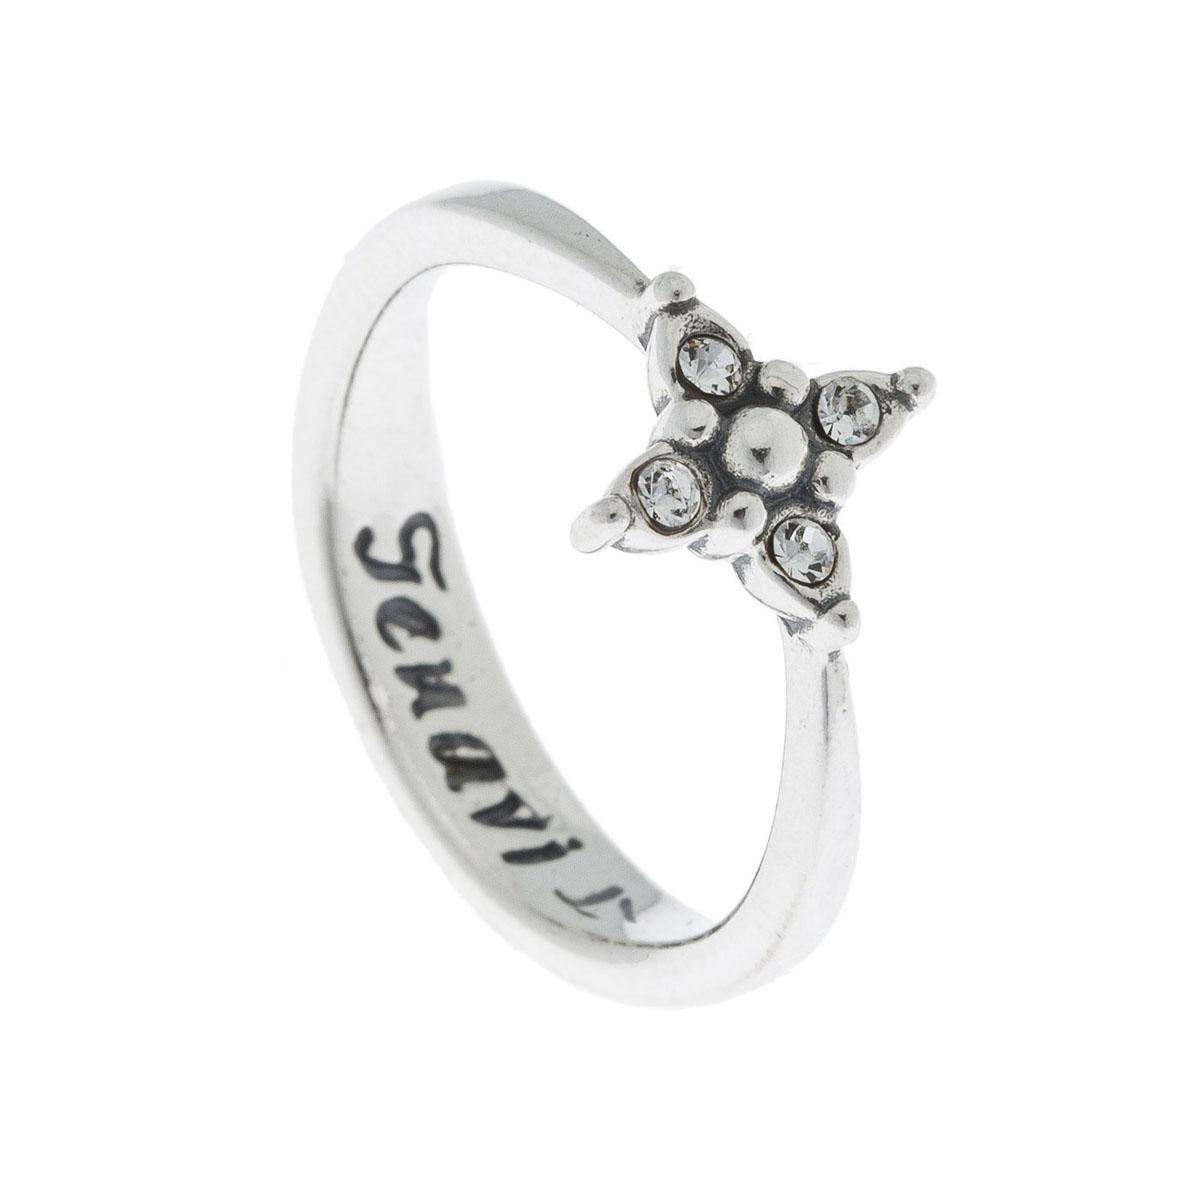 Кольцо Jenavi Эги, цвет: серебро, белый. k5013000. Размер 17k5013000Коллекция Э, Эги (Кольцо) гипоаллергенный ювелирный сплав,Черненое серебро, вставка Кристаллы Swarovski